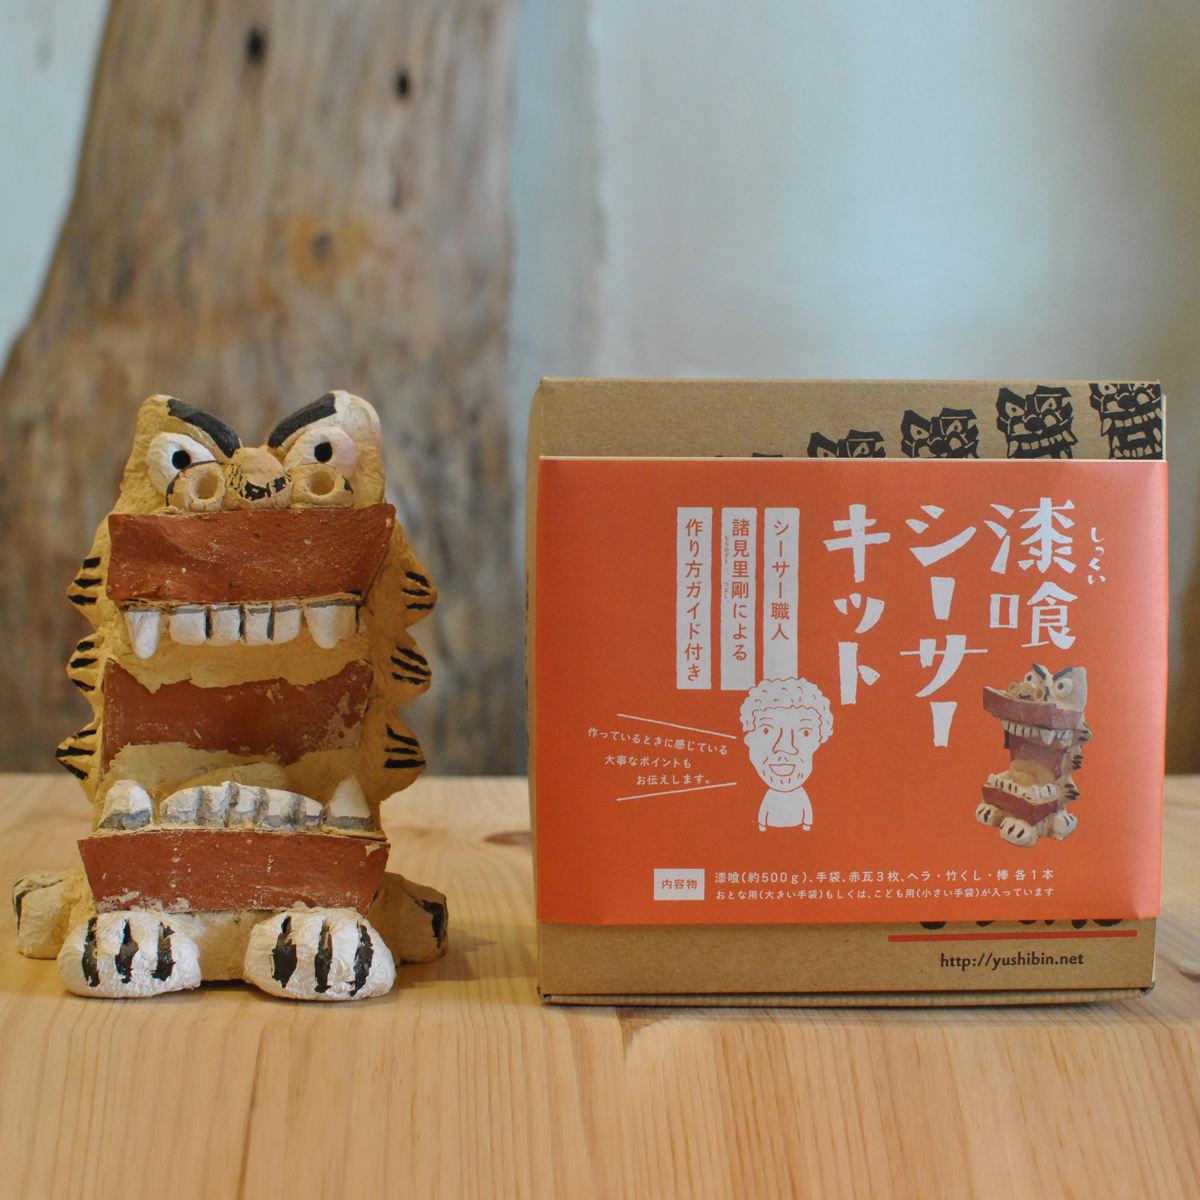 沖縄土産・漆喰シーサーキット